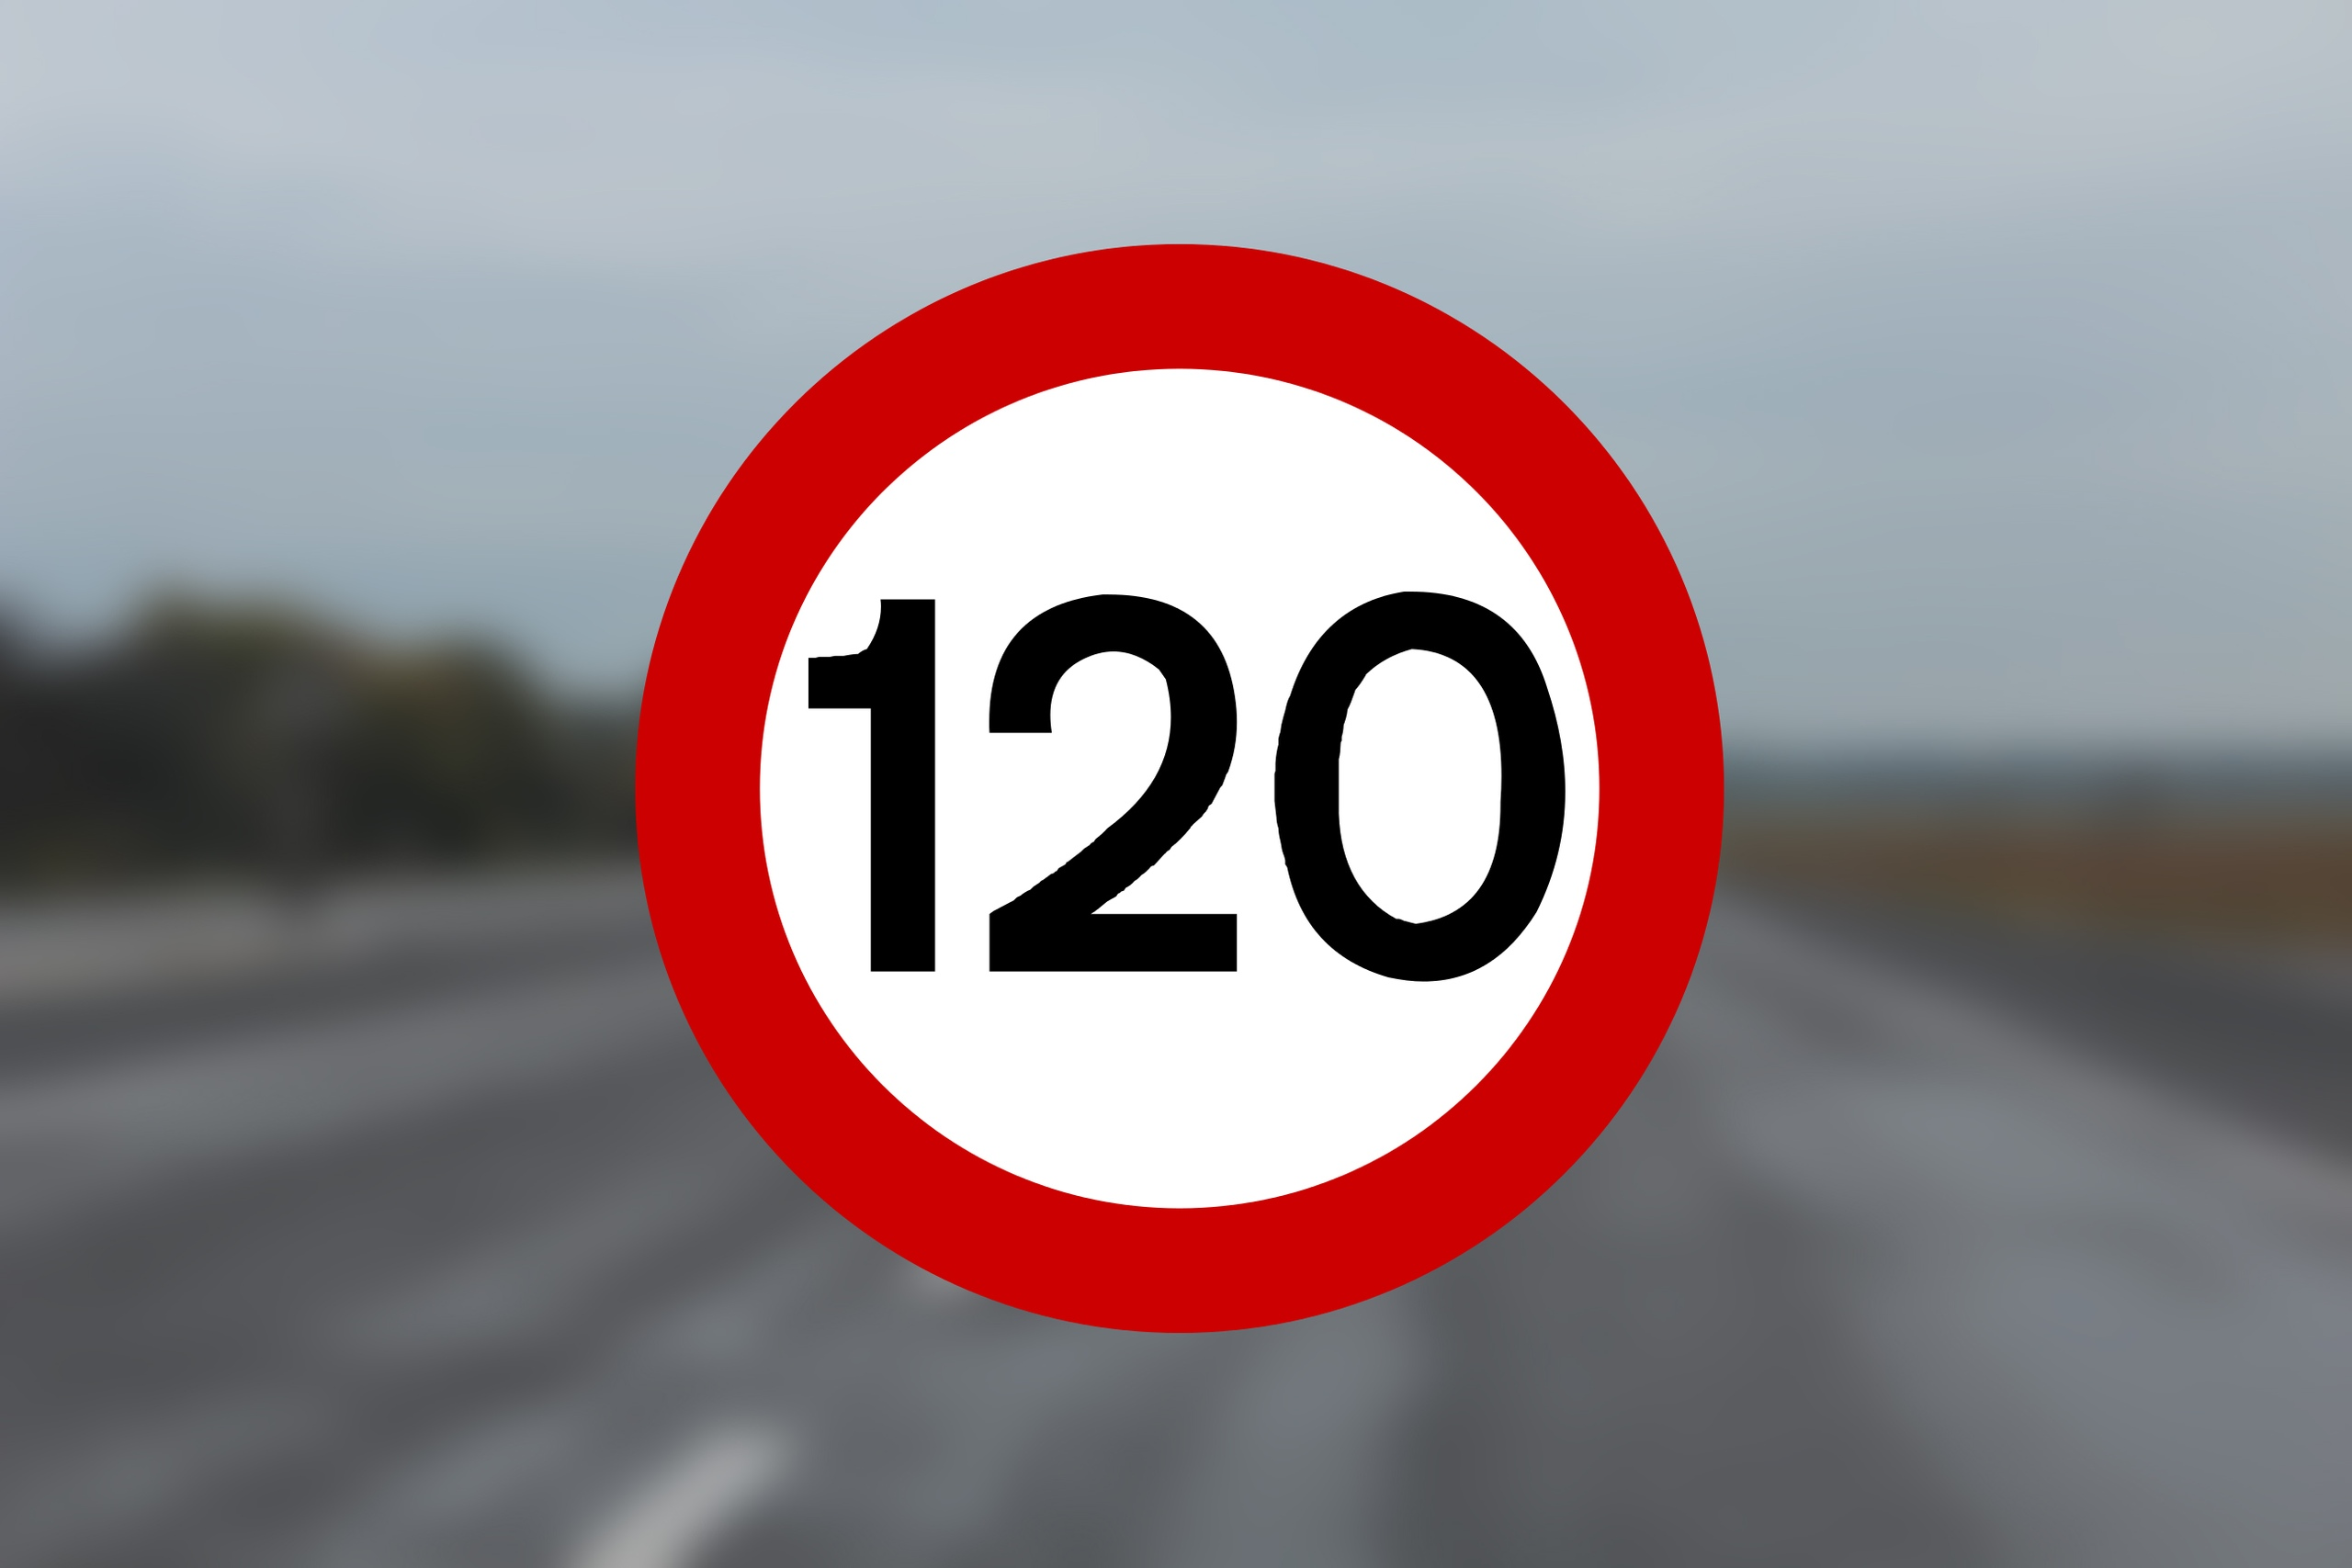 На трассе Минск — Гродно увеличат скорость до 120 км/ч